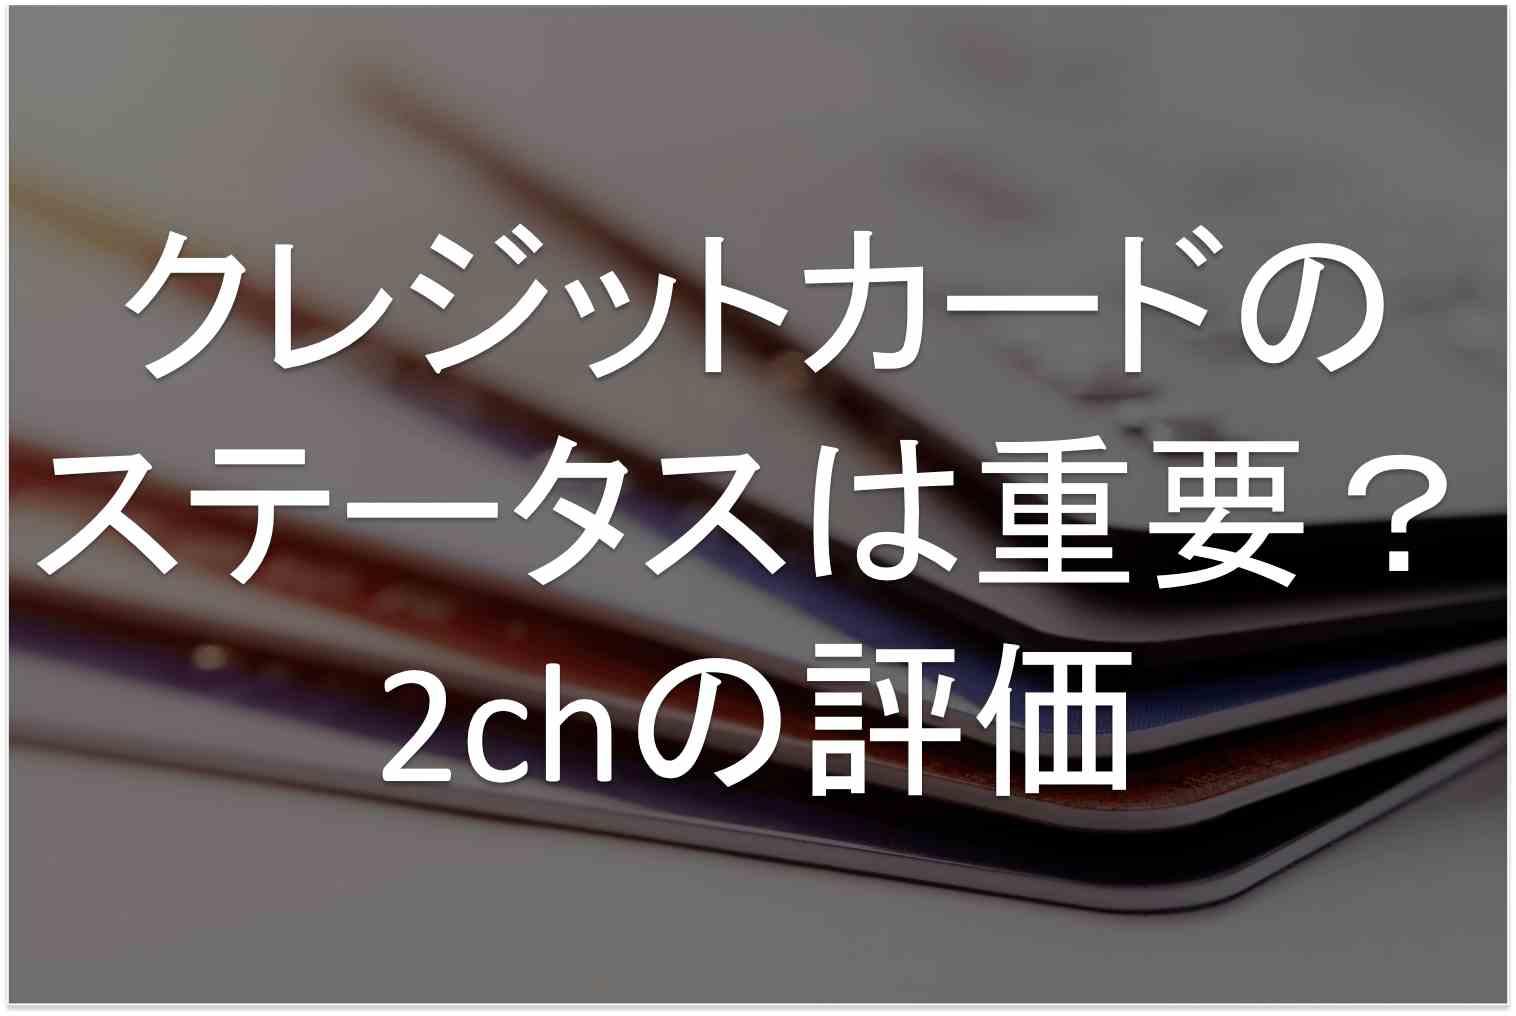 クレジットカード ステータス 2ch